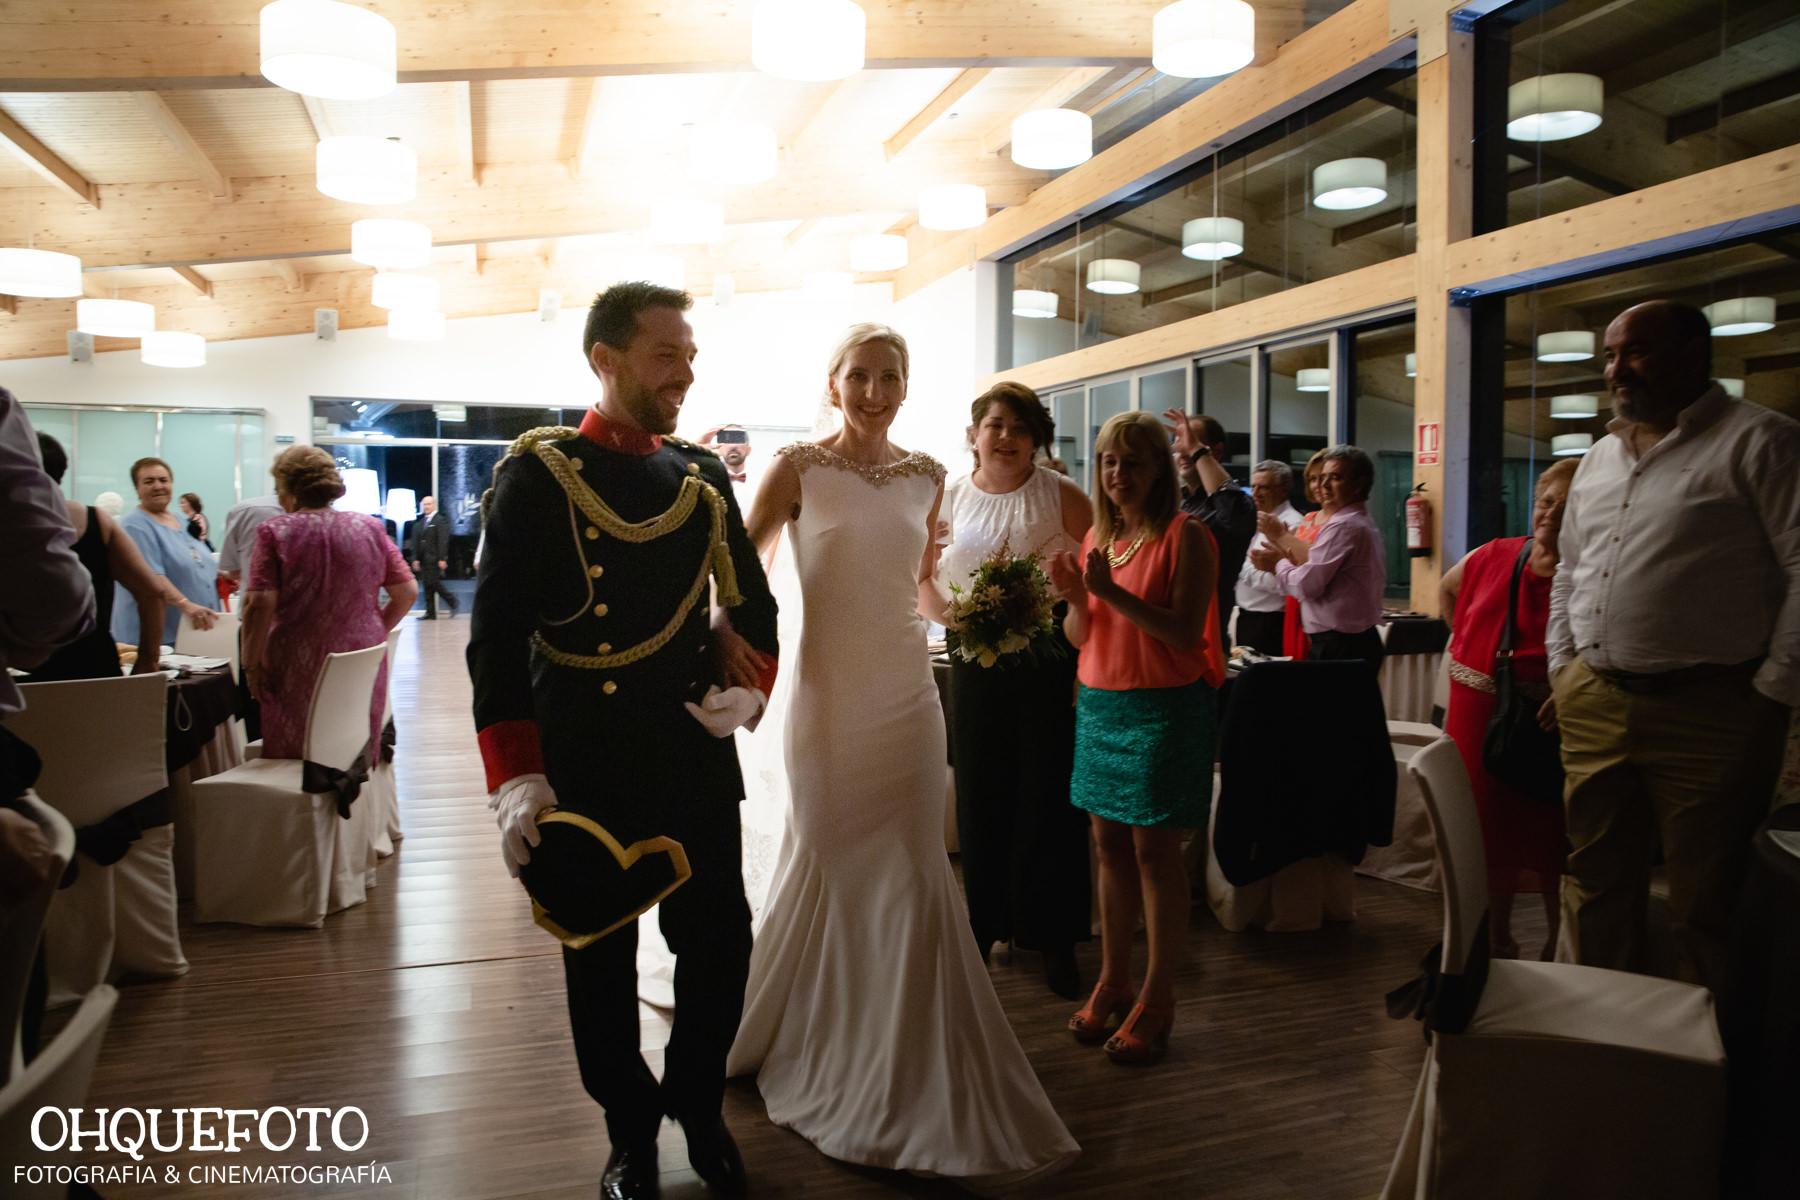 boda en la peraleda boda en cabeza del buey boda en capilla reportaje de bodas en almaden video de bodas en cordoba478 - Jose y Gema - Boda en Zarza Capilla y la Finca La Peraleda (Chillón)